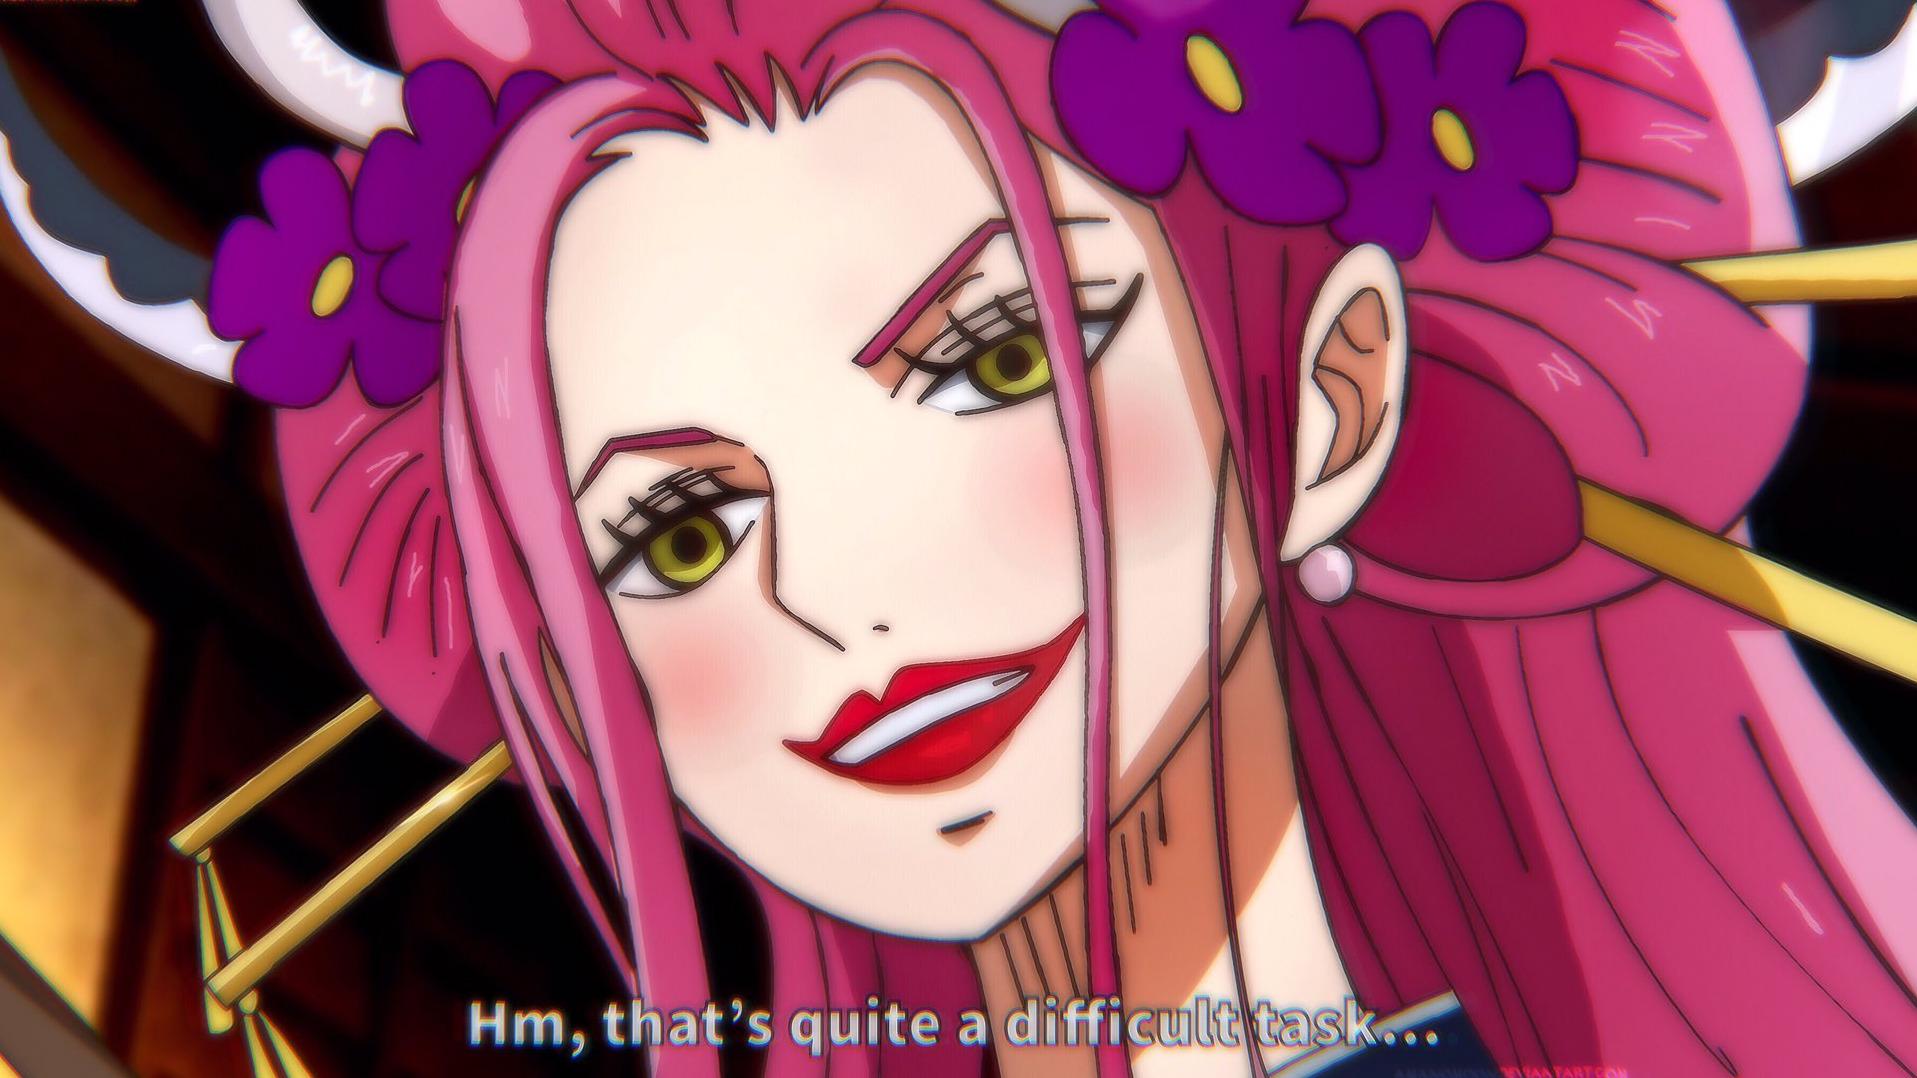 """Giả thuyết One Piece: Yamato liệu có phải là """"sản phẩm"""" của Kaido và Black  Maria, một thành viên trong Tobi Roppo?"""